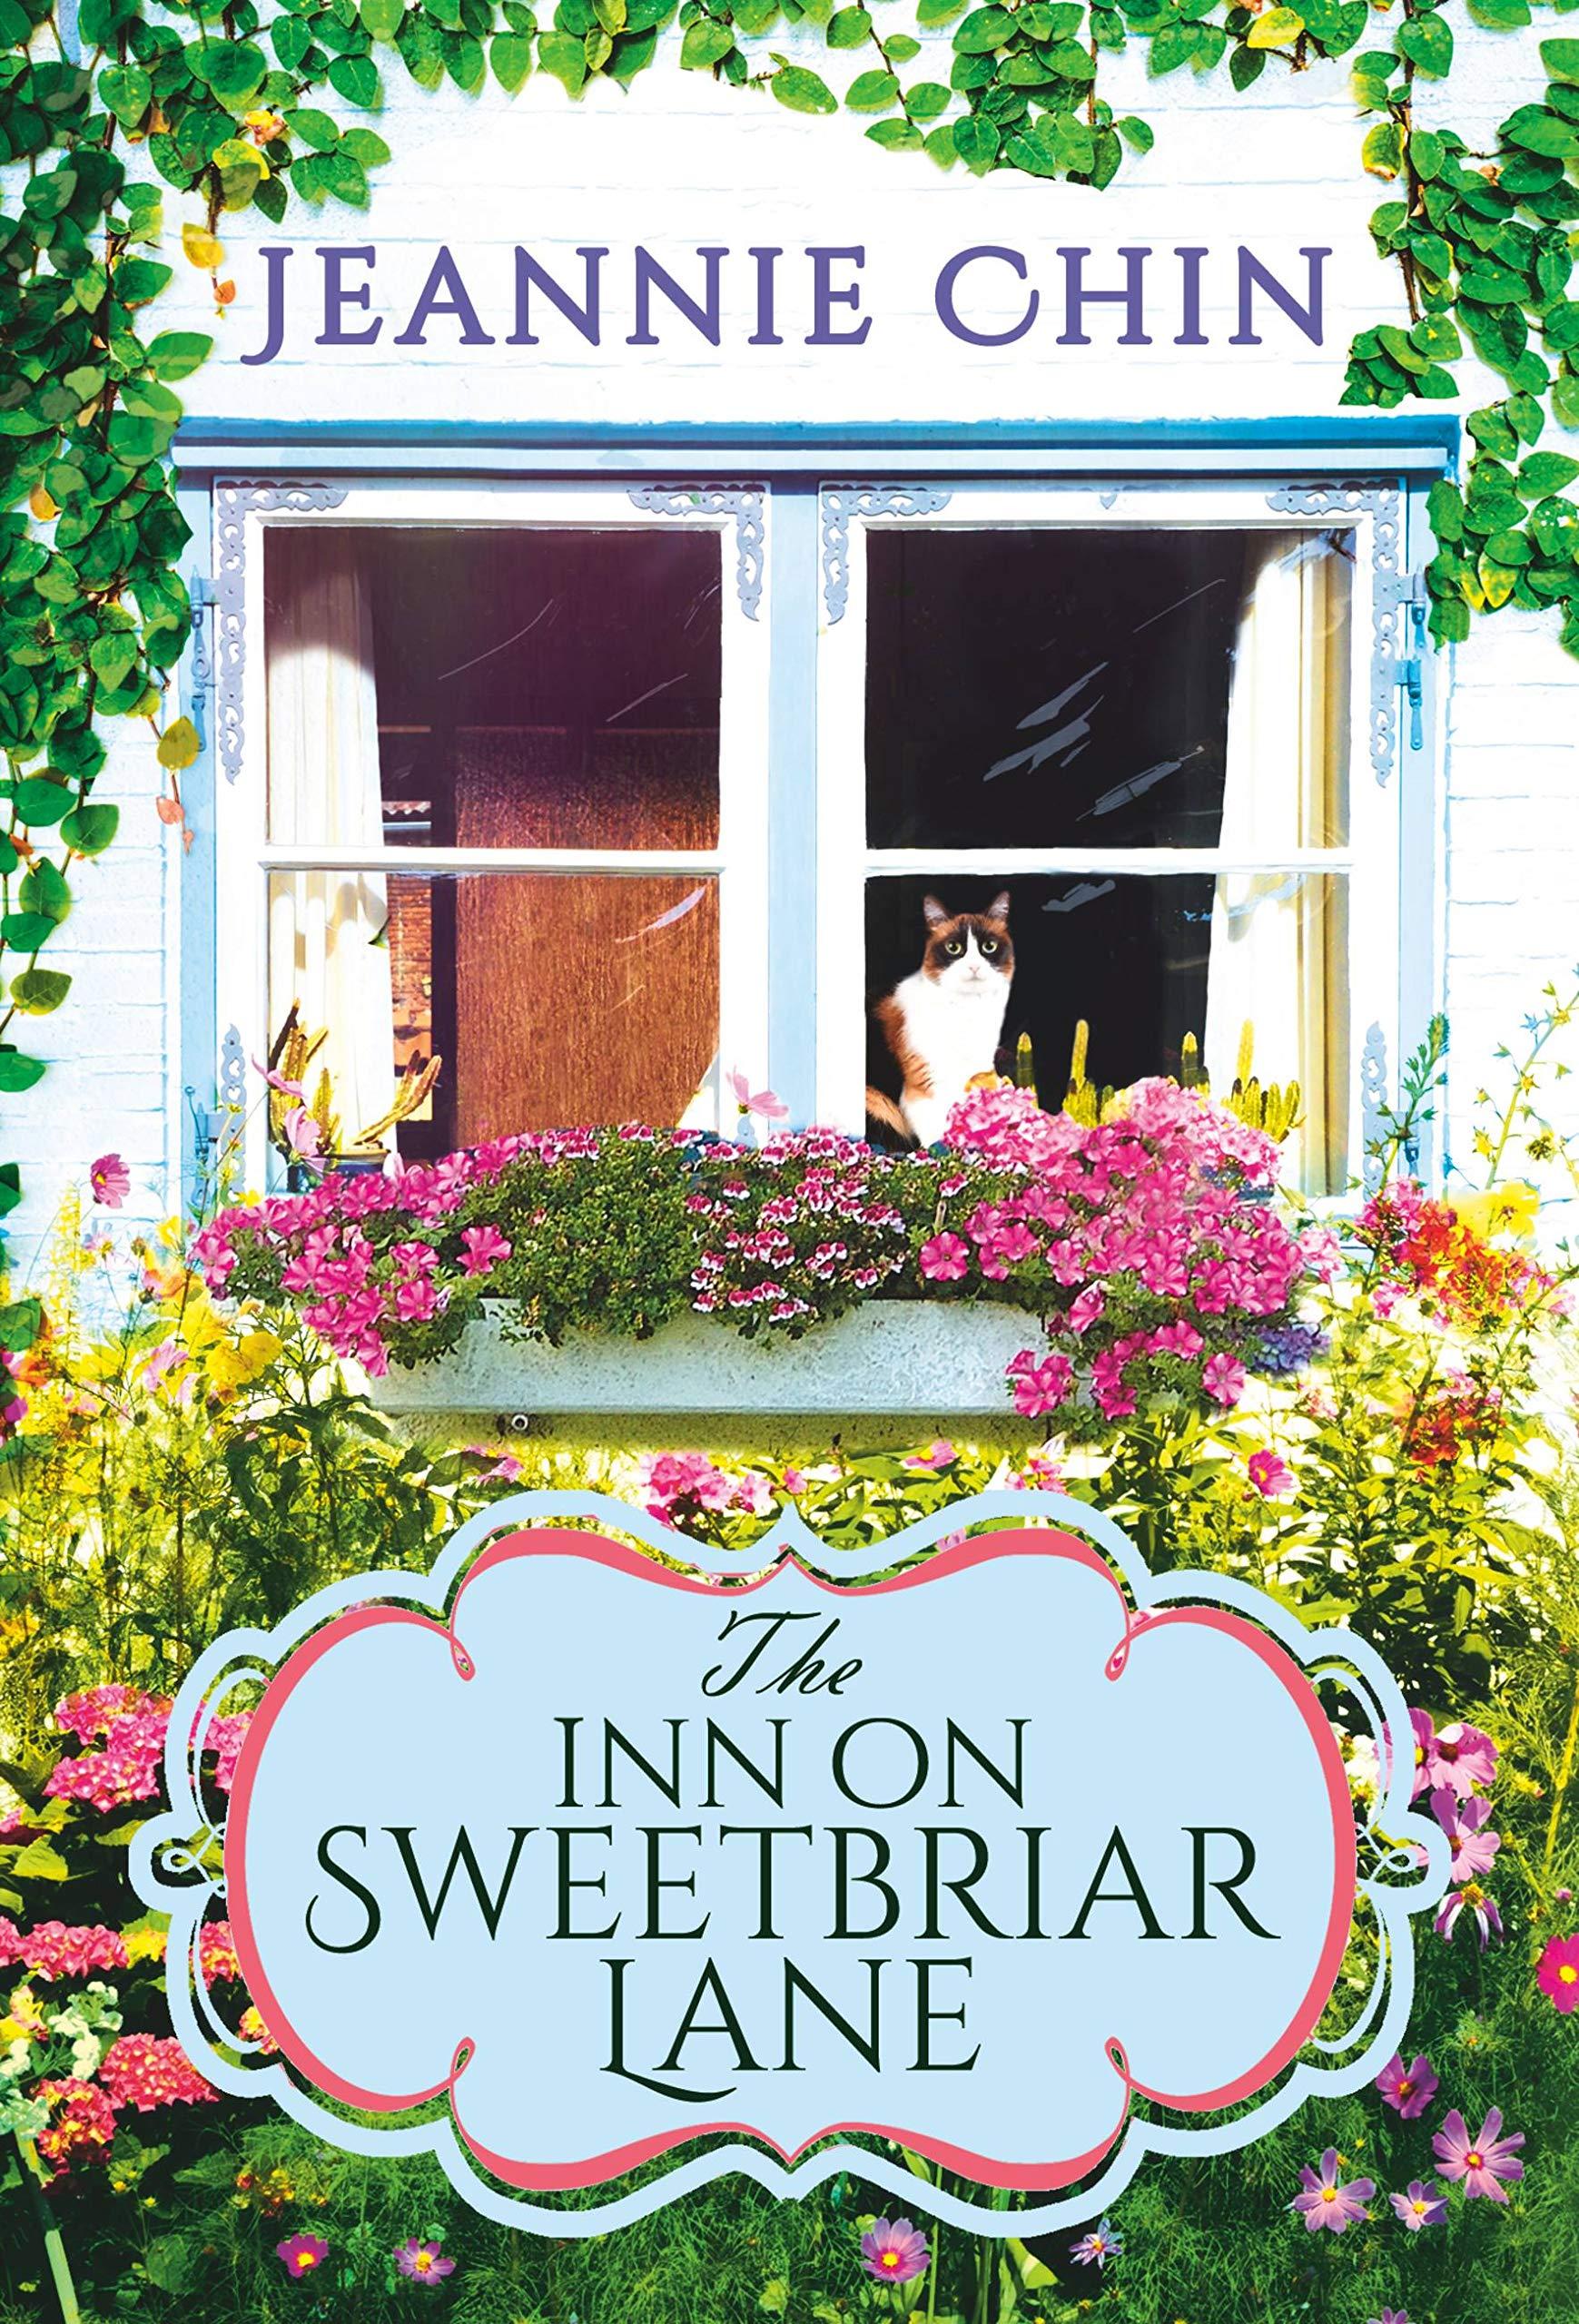 The Inn on Sweetbriar Lane by Jeannie Chin